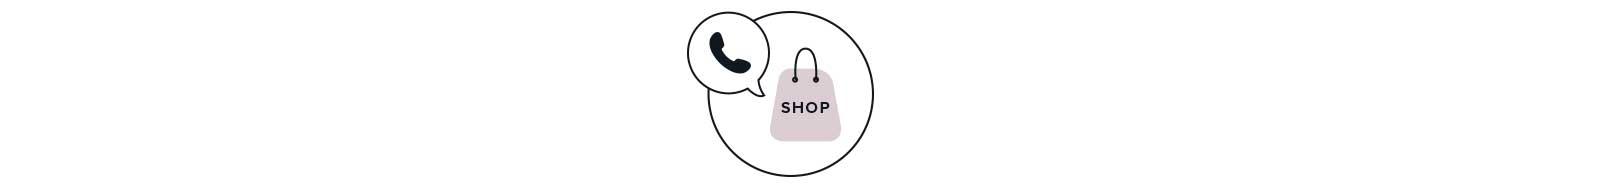 Motivi - apertura negozi